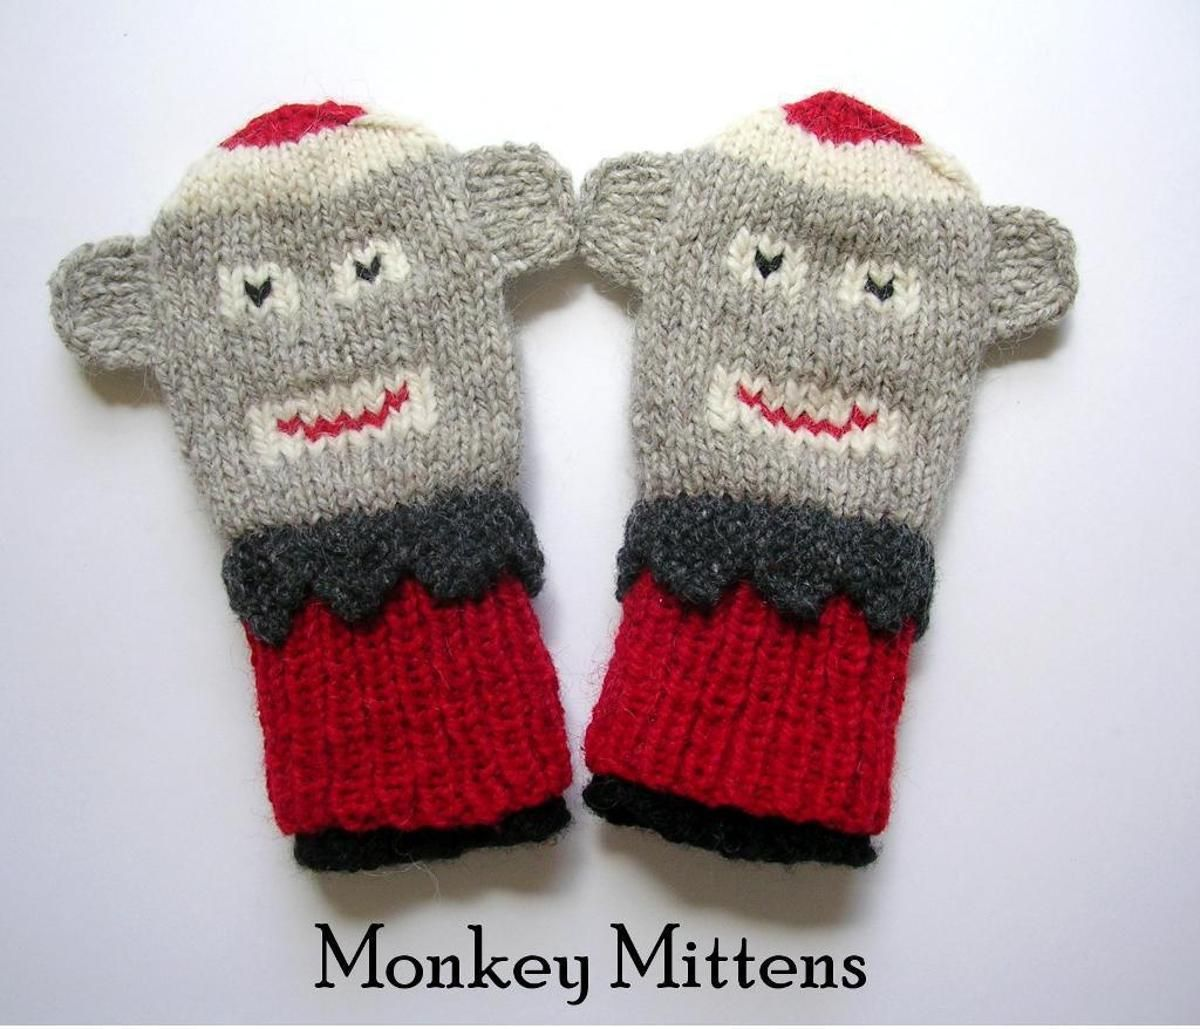 Monkey Mittens Knitting Pattern | Mittens, Knitting patterns and Monkey